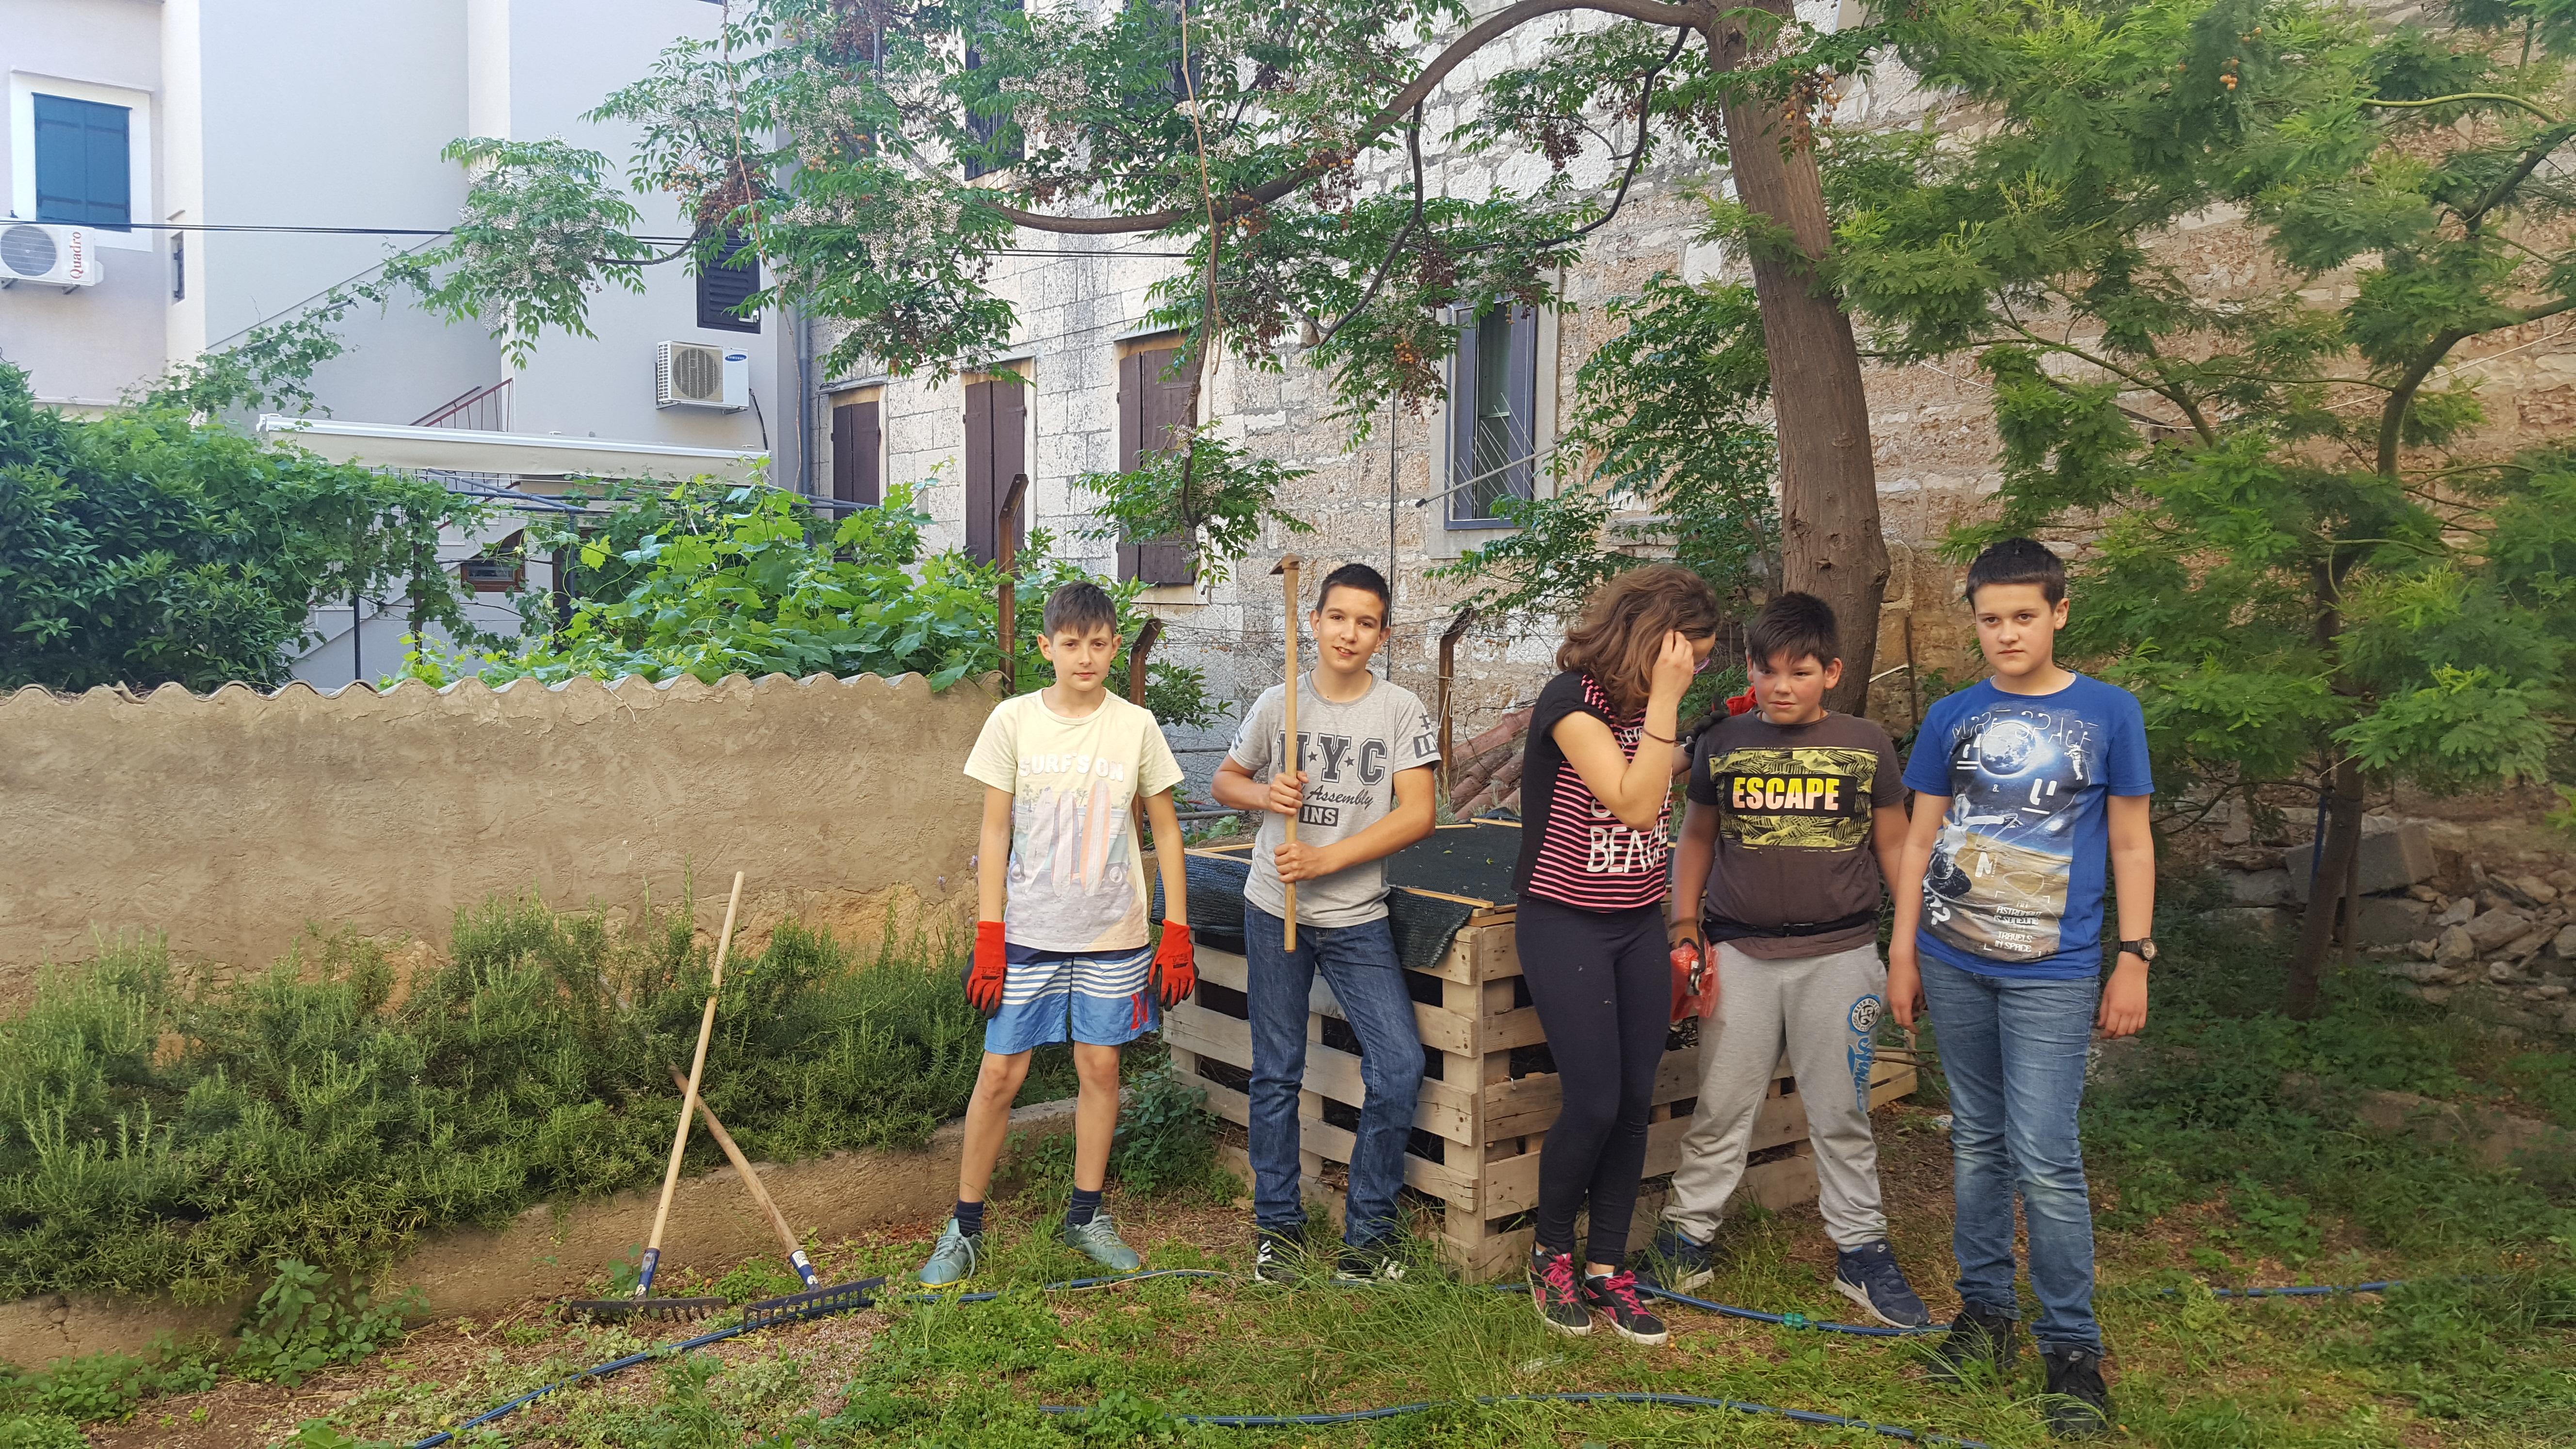 Otpad nije smeće-kompostirajmo za vrtove veće! – Primjena odgovornog postupanja s otpadom u osnovnim školama i vrtićima